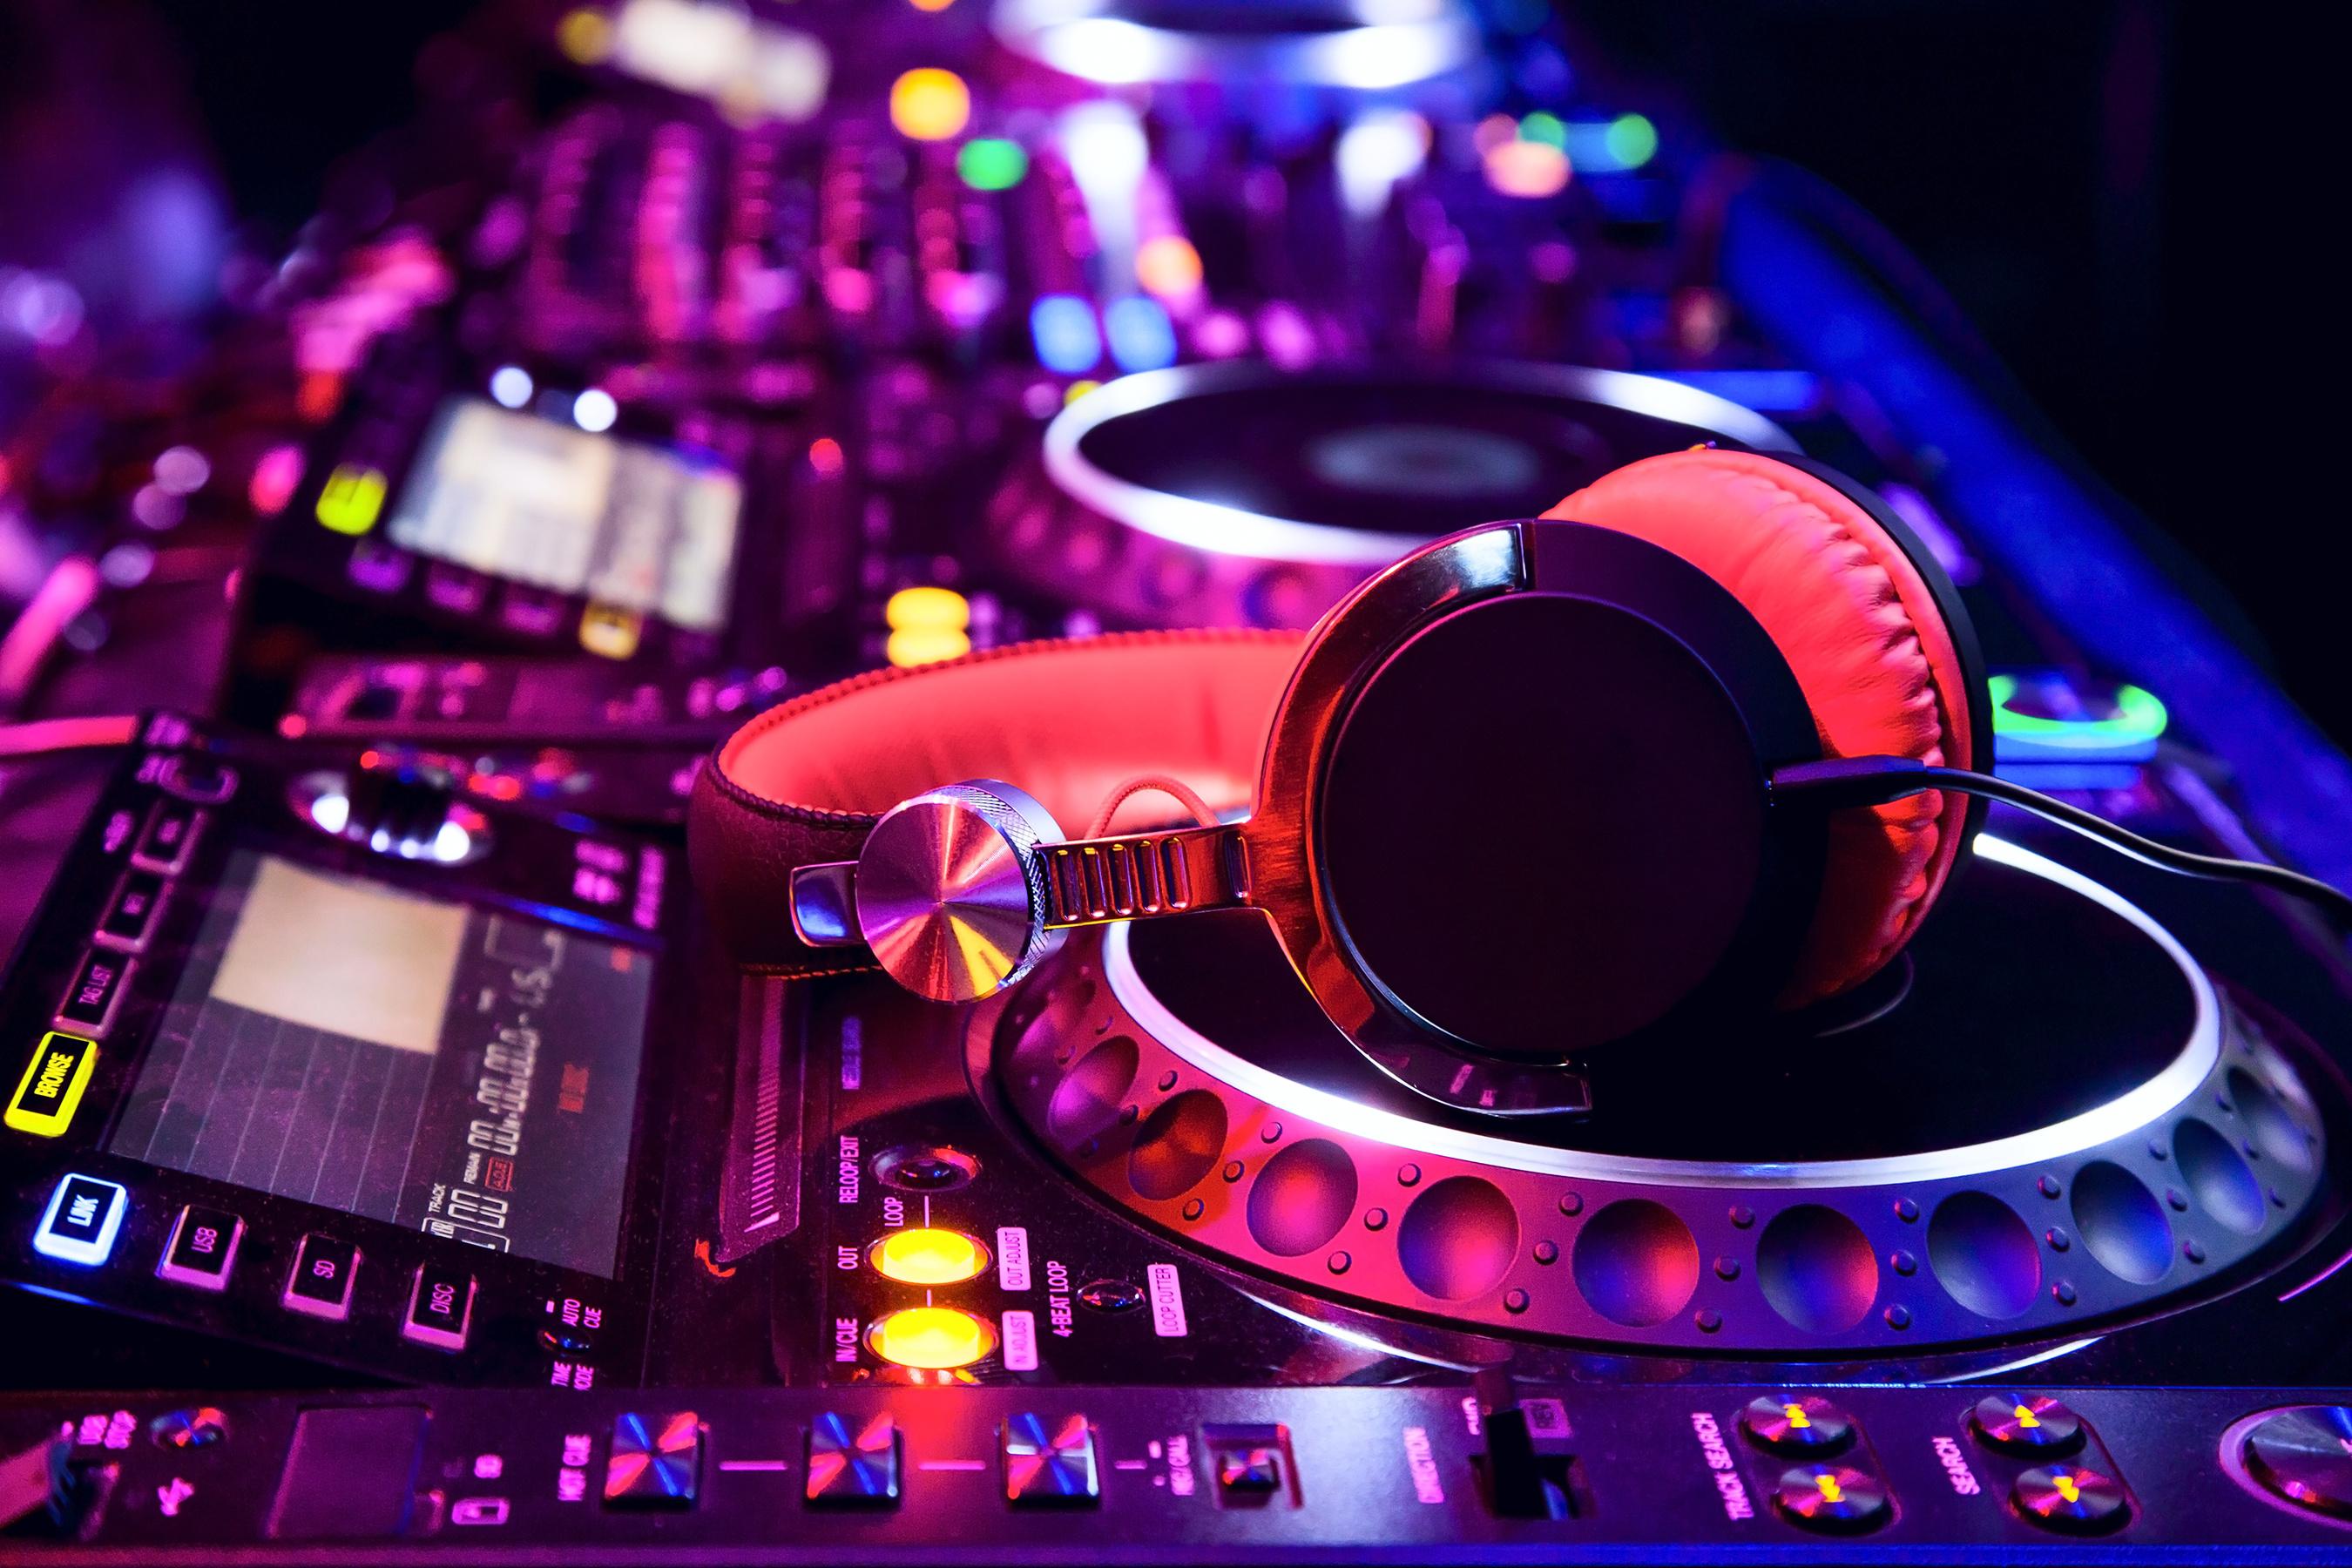 dj-mixer-with-headphones